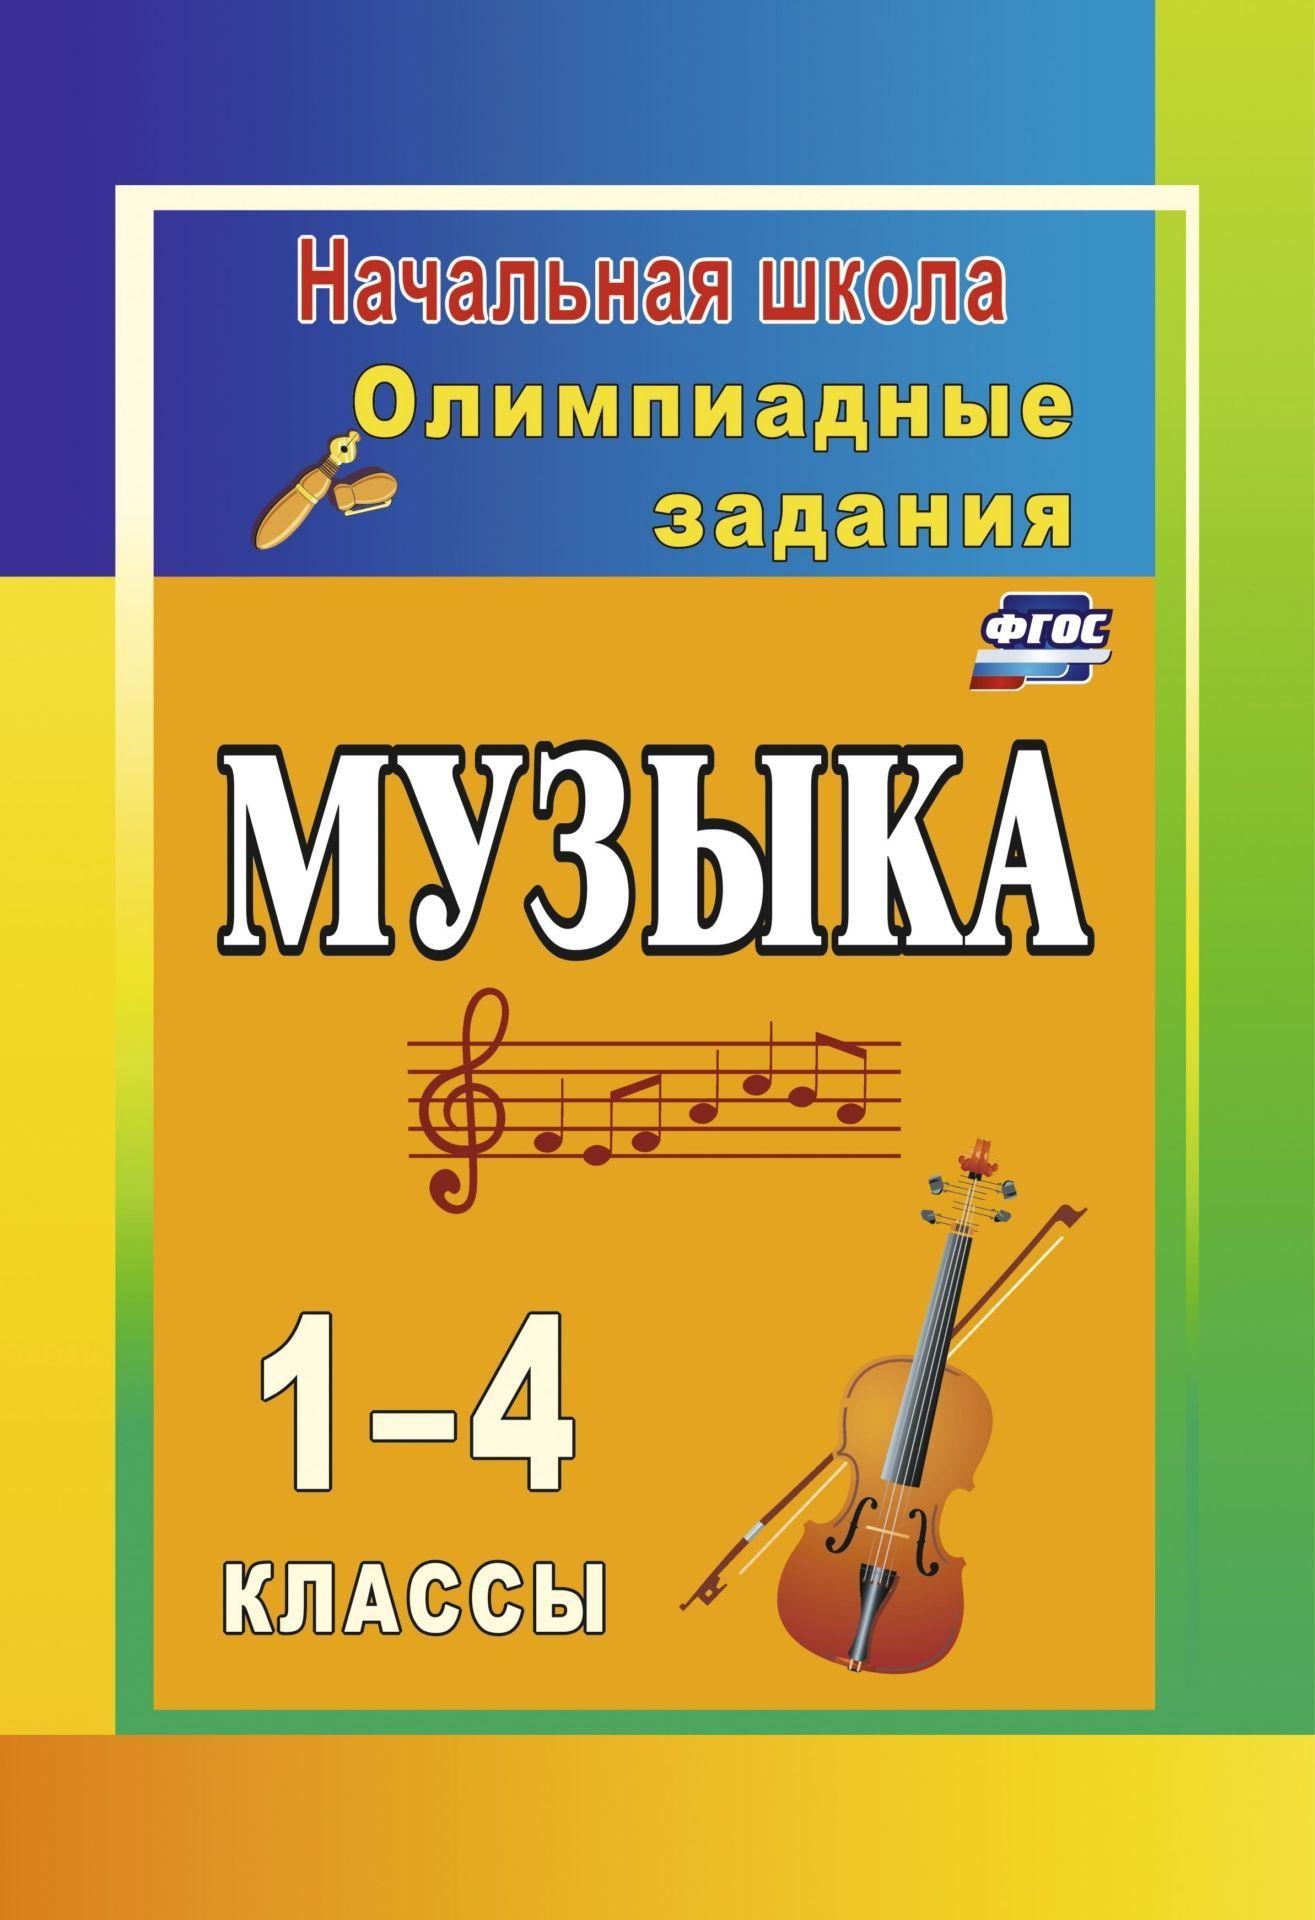 Музыка. 1-4 классы: олимпиадные задания